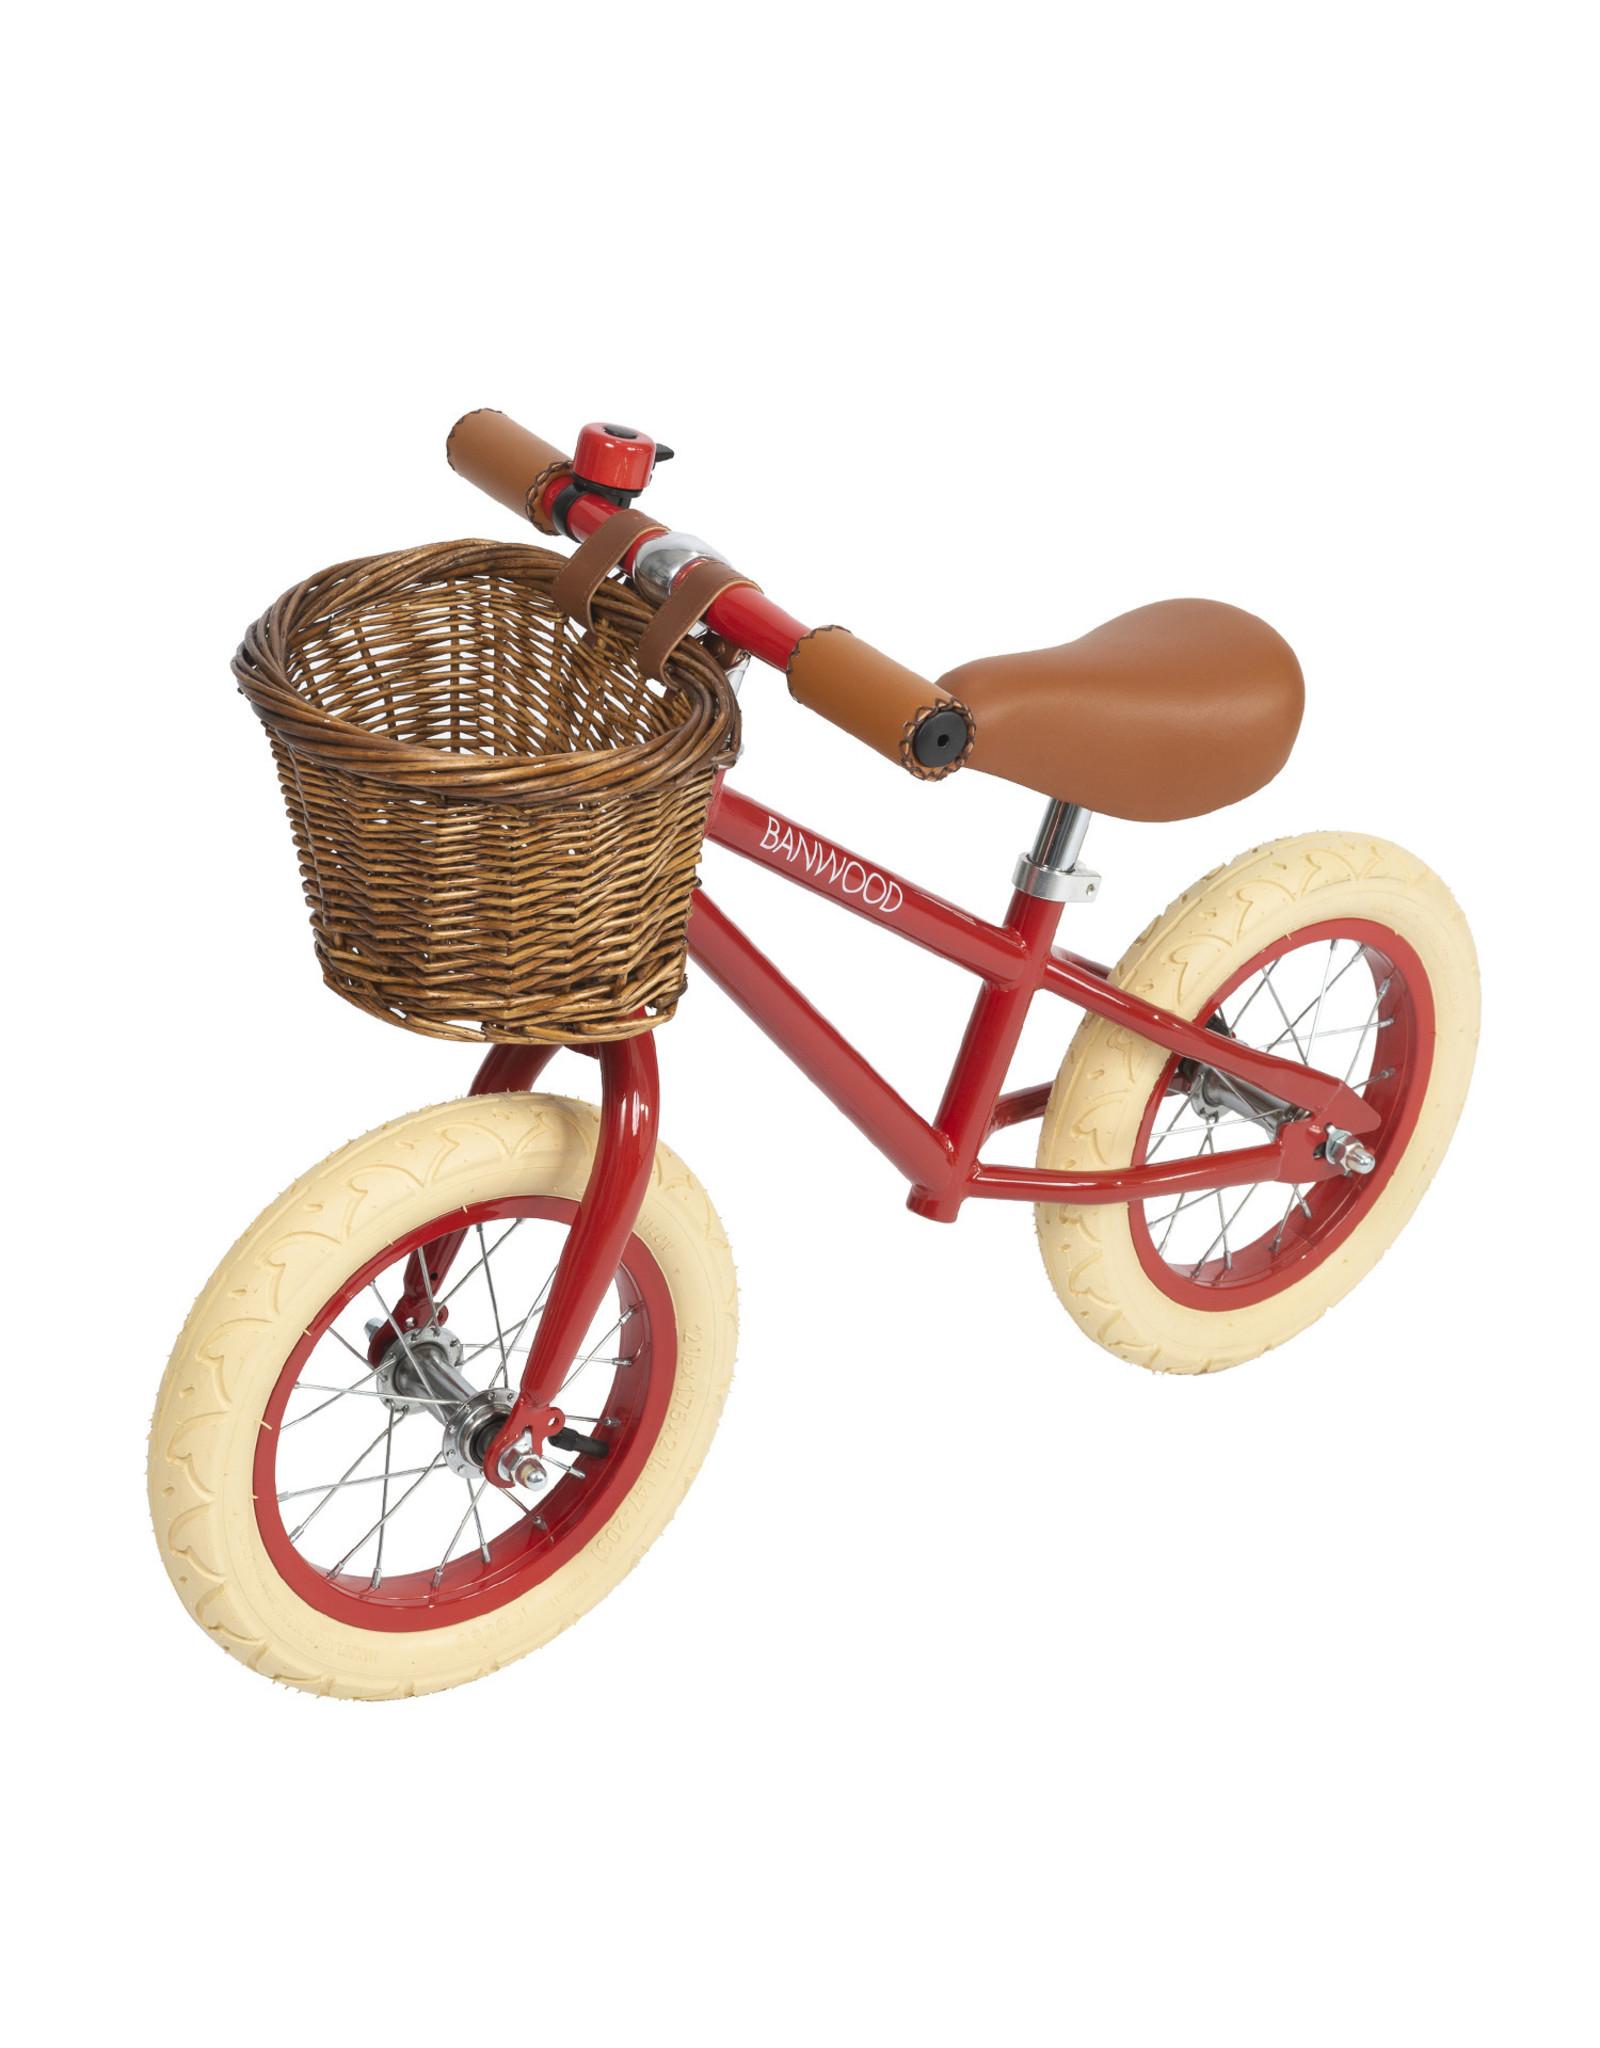 Banwood BANWOOD Red Balance Bike